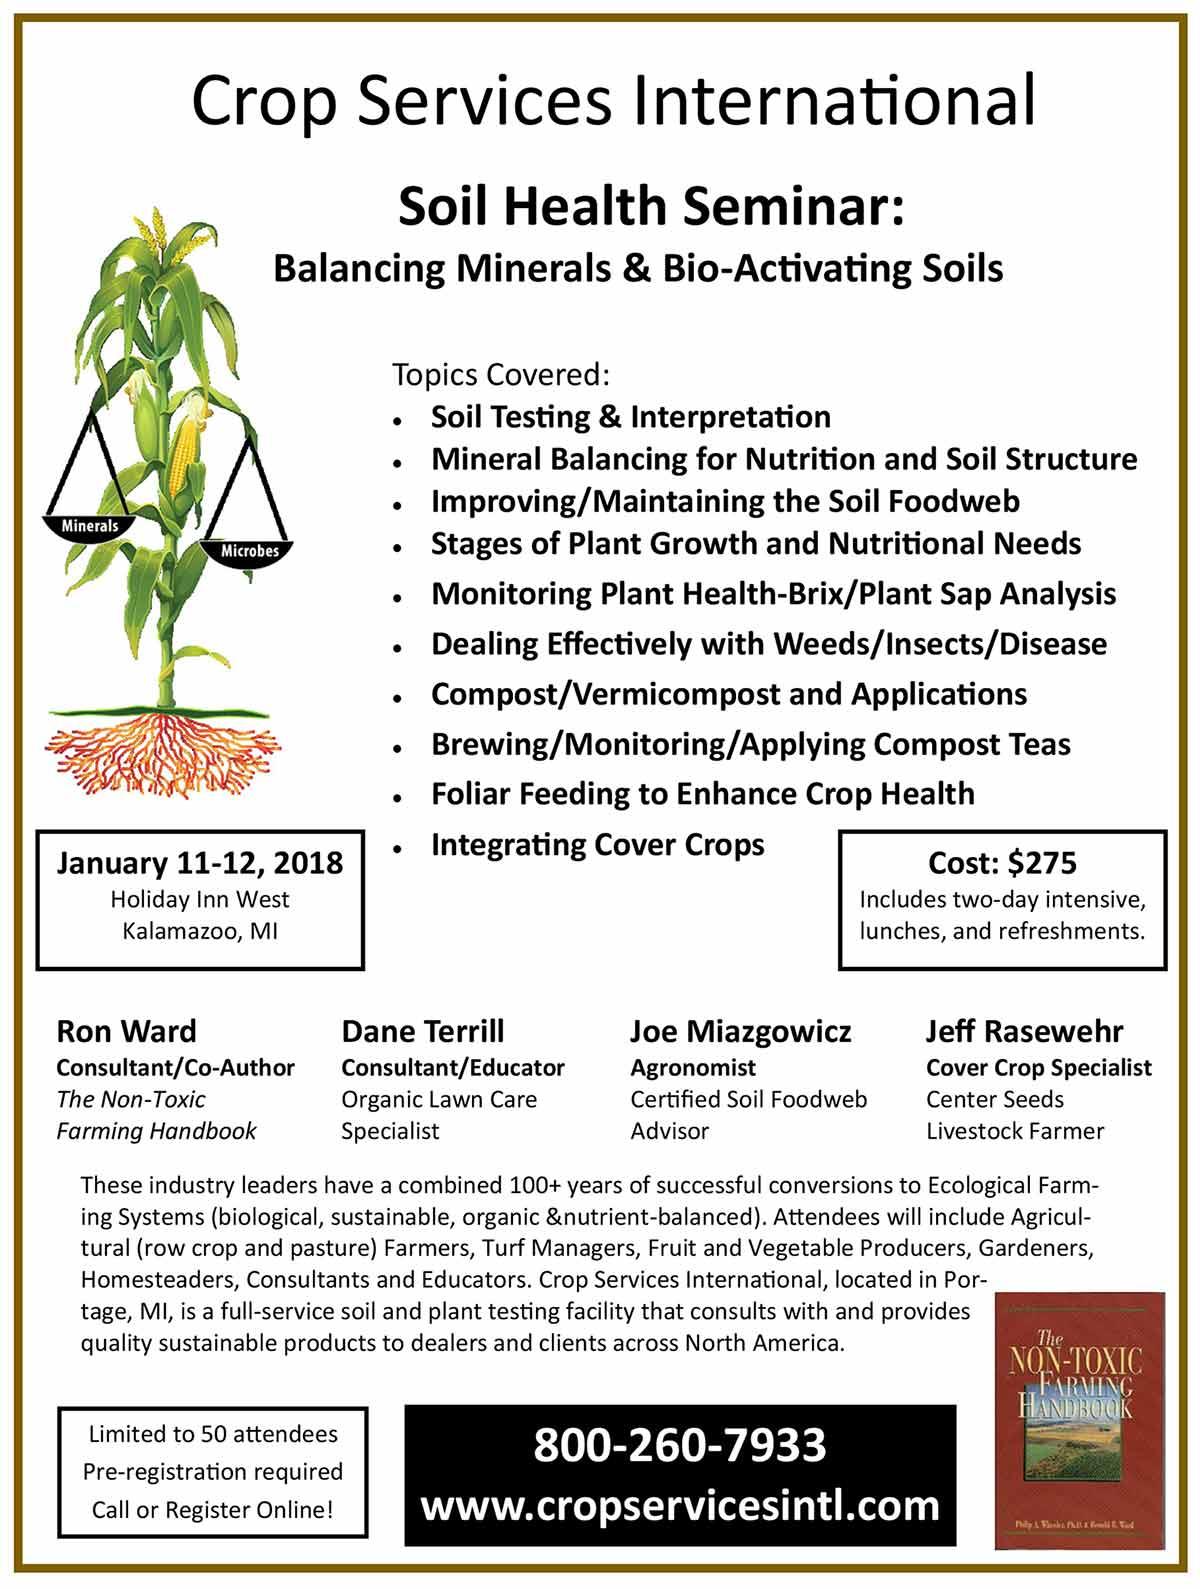 Soil Health Seminar 2018